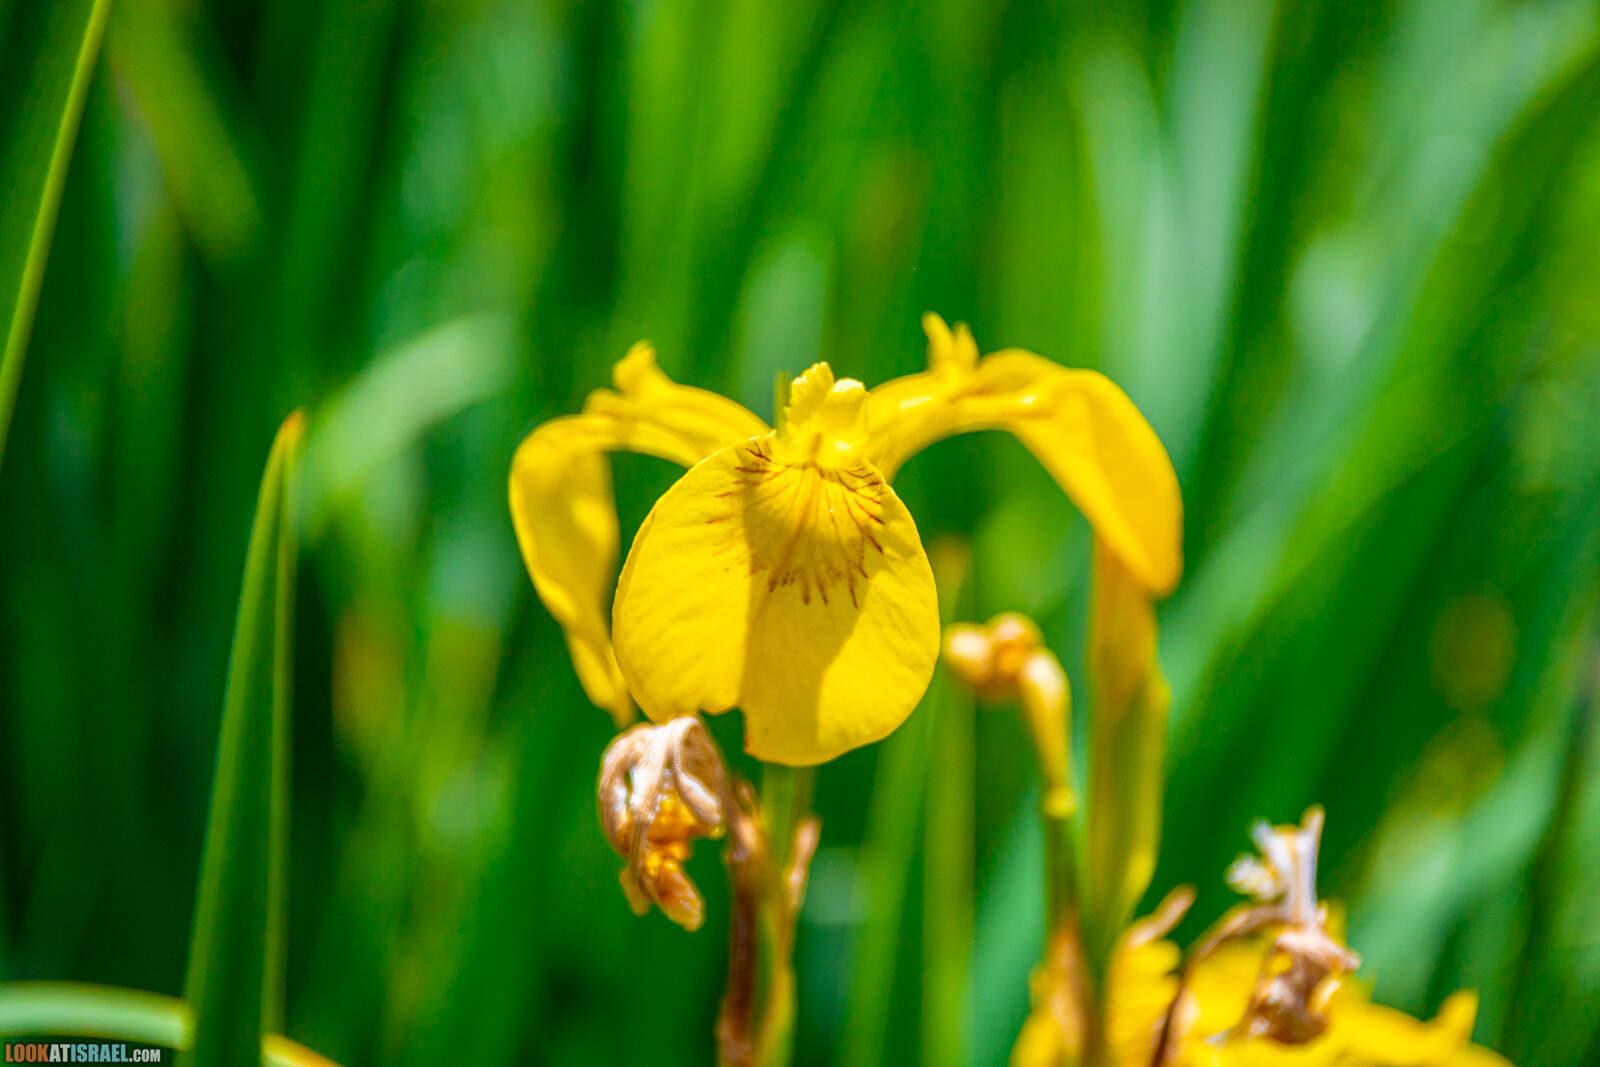 Ирисы Израиля, Ирис ложноаирный - Iris pseudacorus - אירוס ענף - LookAtIsrael.com - Фото путешествия по Израилю